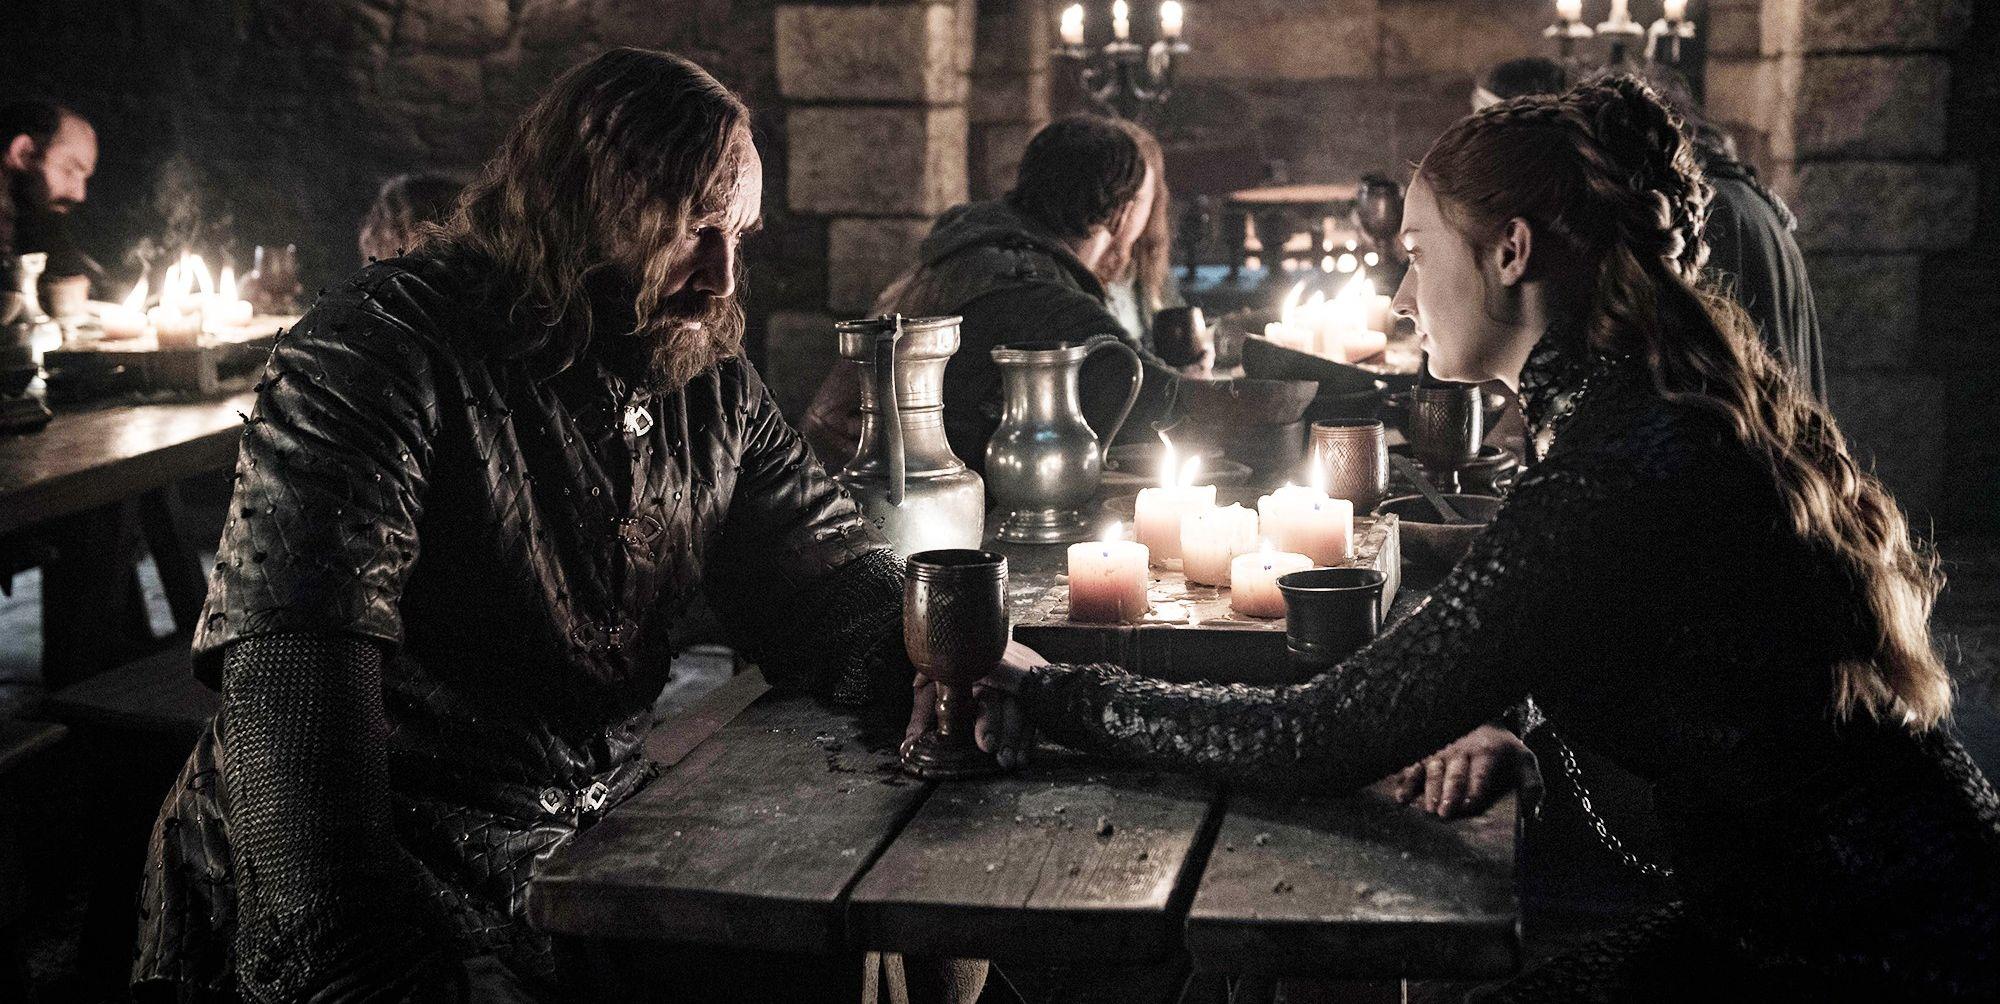 Juego de Tronos 8x04 Sansa